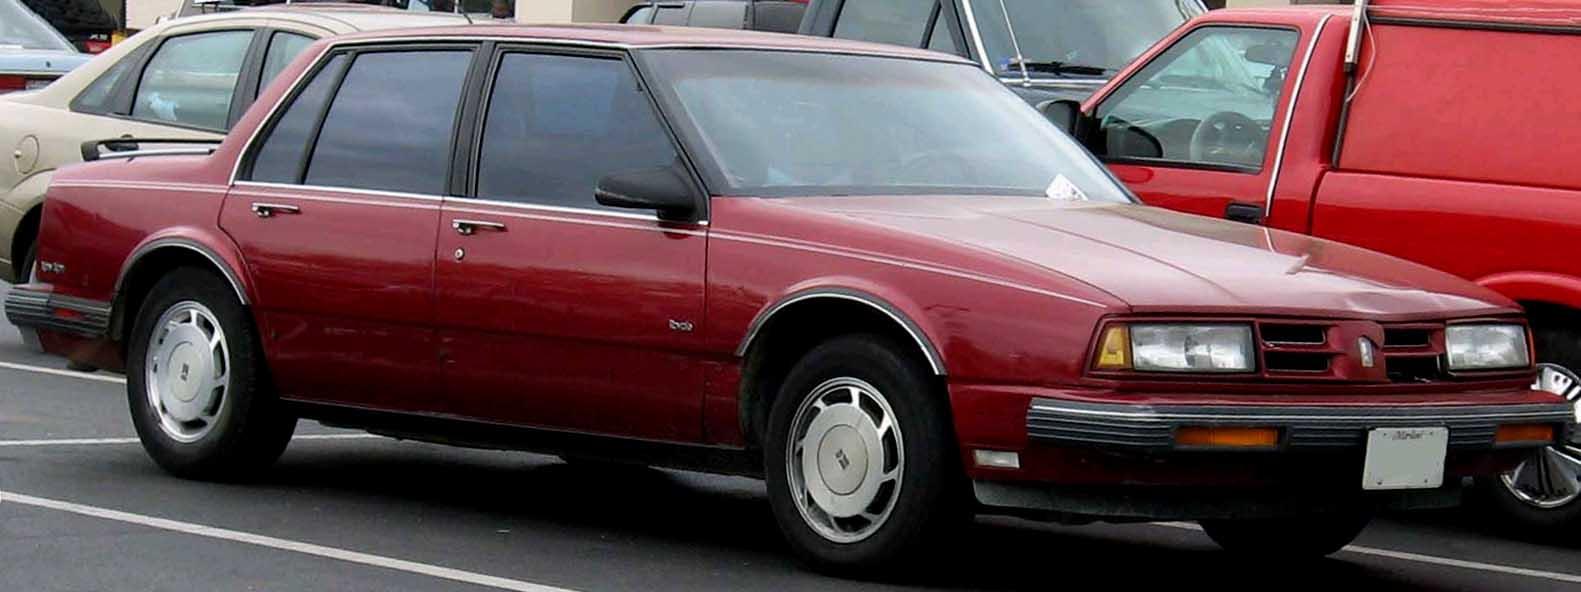 Oldsmobile 442  Wikipedia